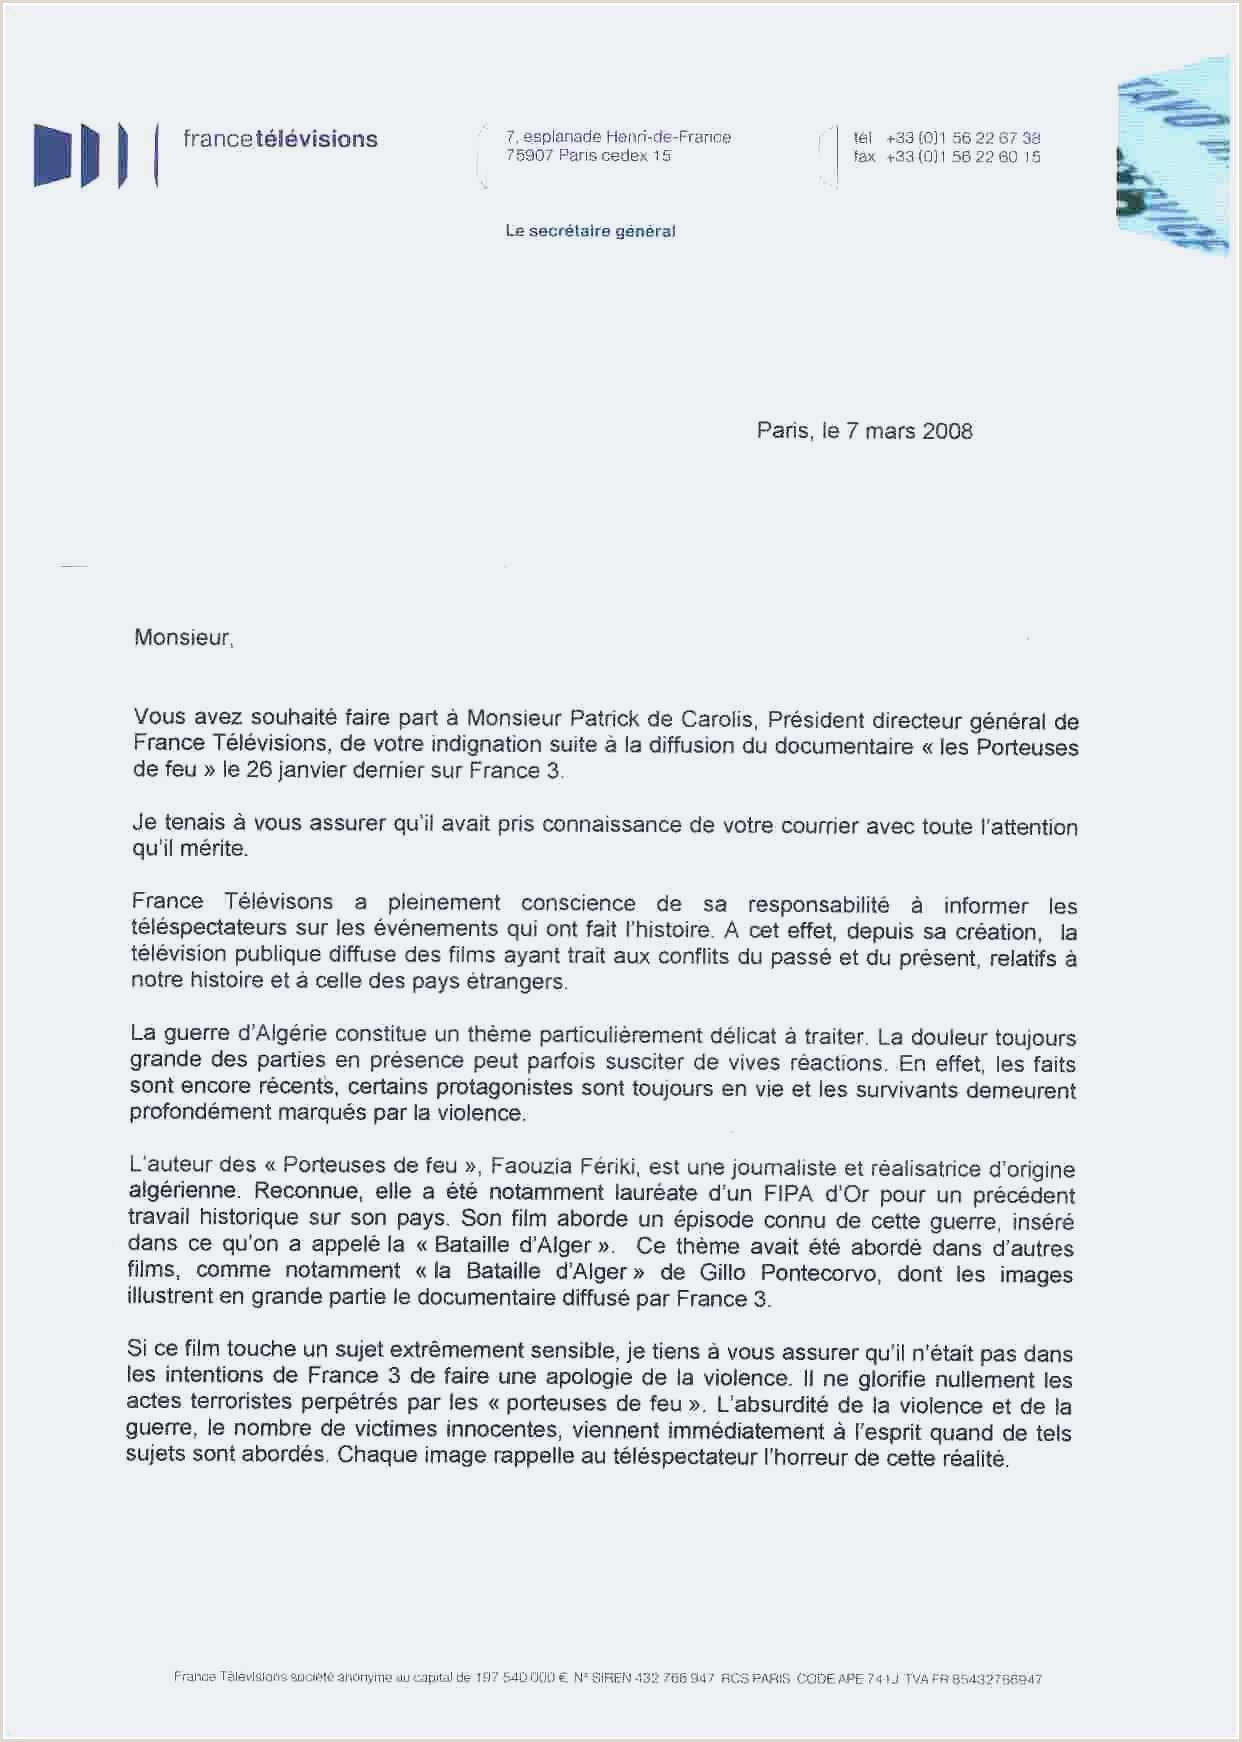 Exemple De Cv Campus France Algerie Pdf Luxe Exemple Lettre De Motivation Manaa New Modele Lettre De